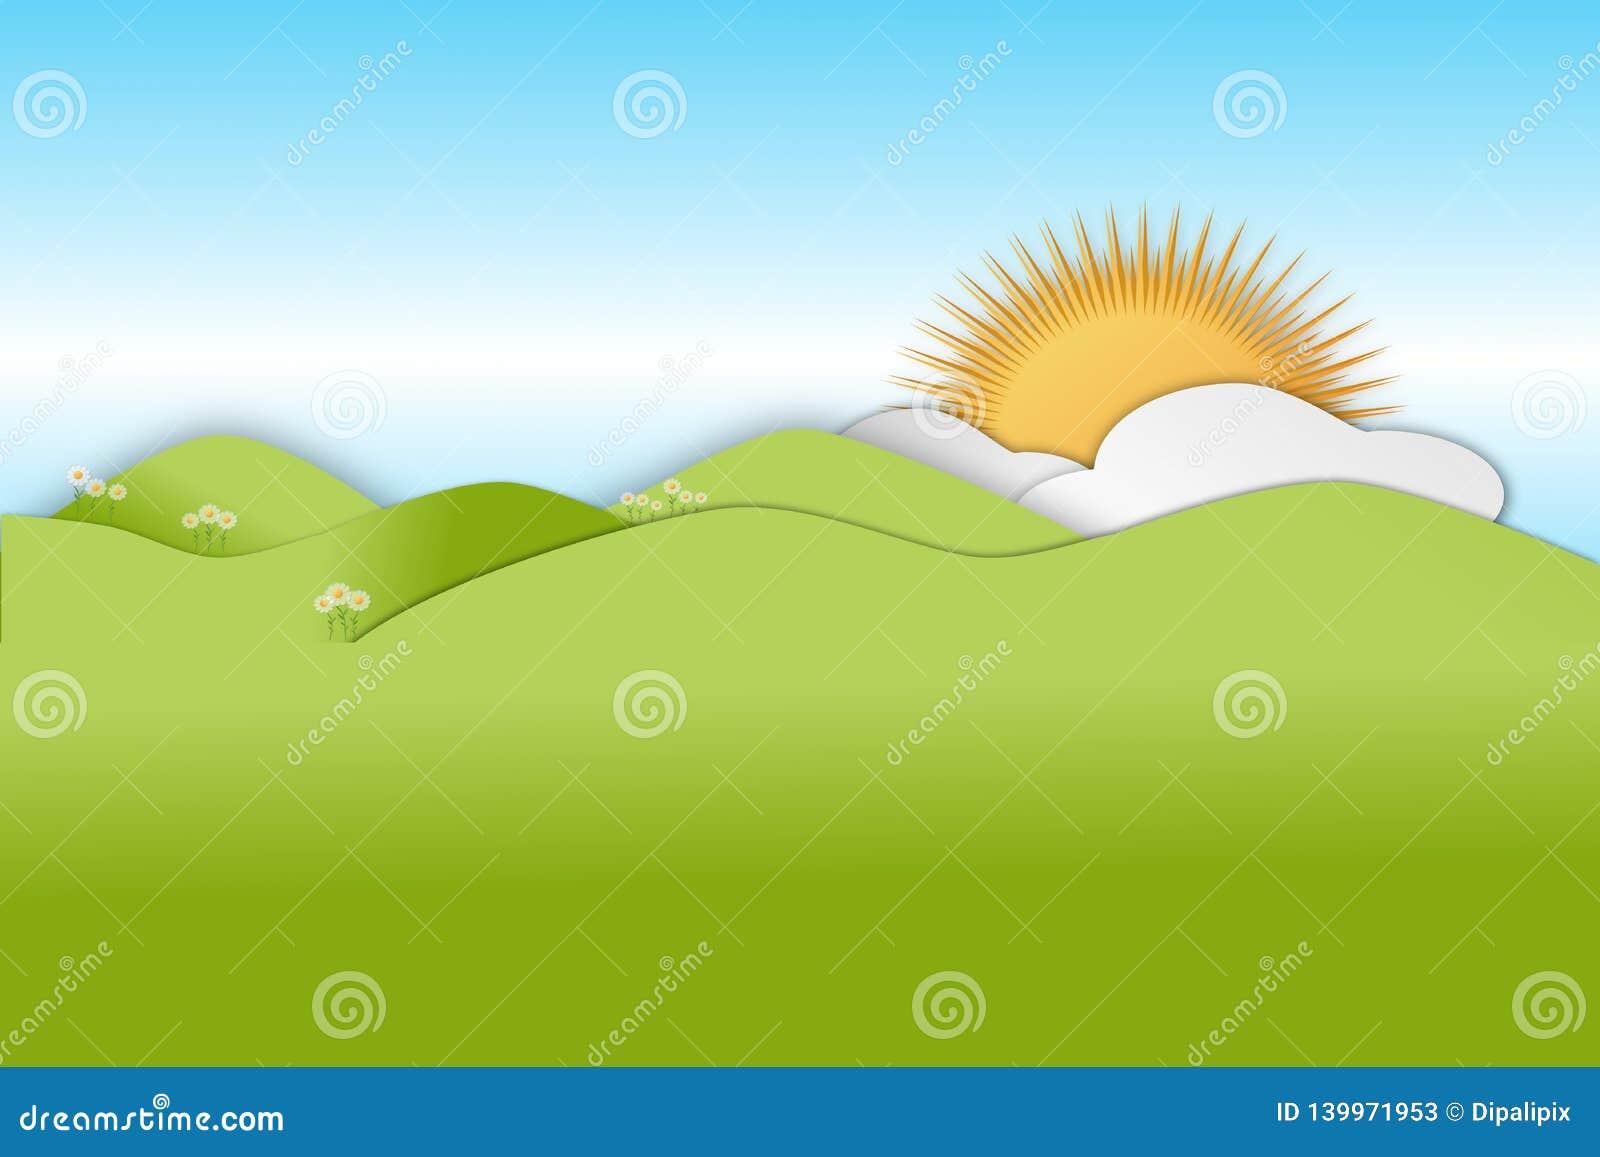 Montes verdes de rolamento na estação de mola com nuvens e sol